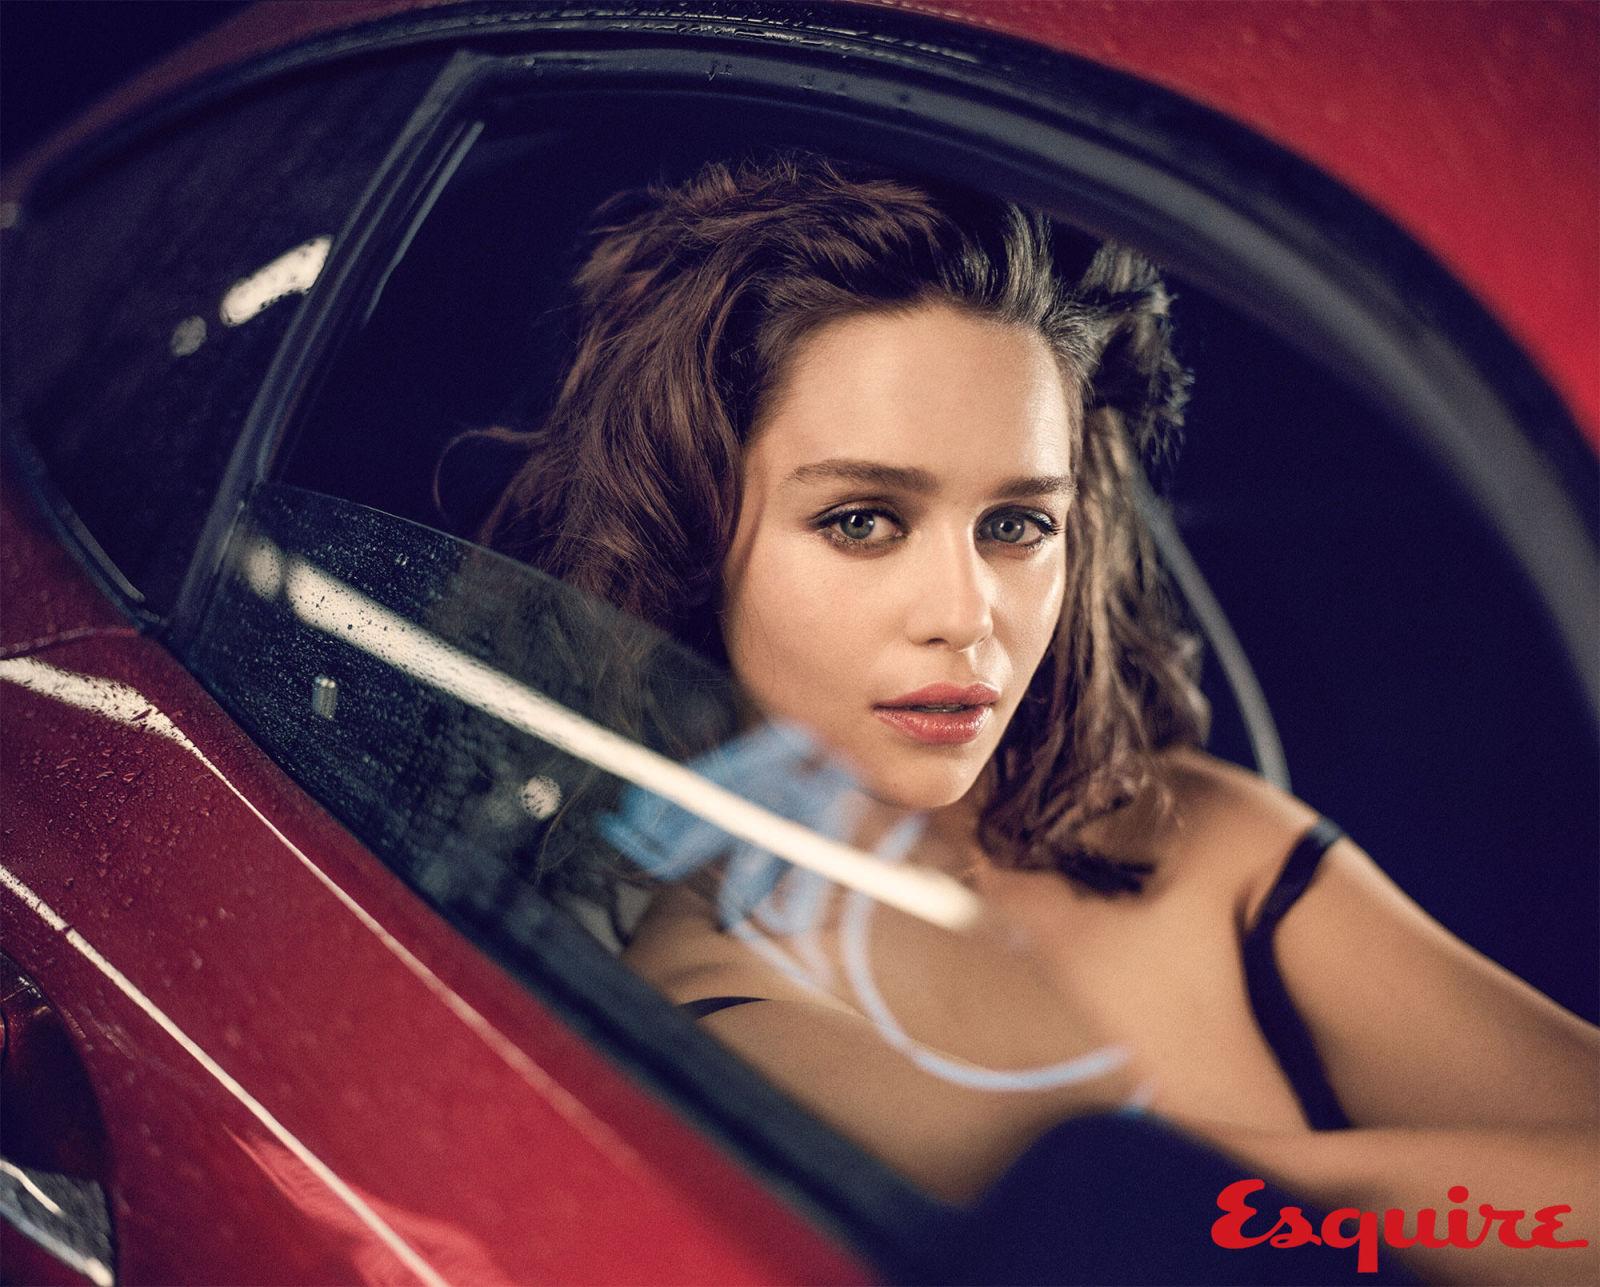 gallery-1444418953-emilia-clarke-sexiest-woman-alive-2015-006.jpg